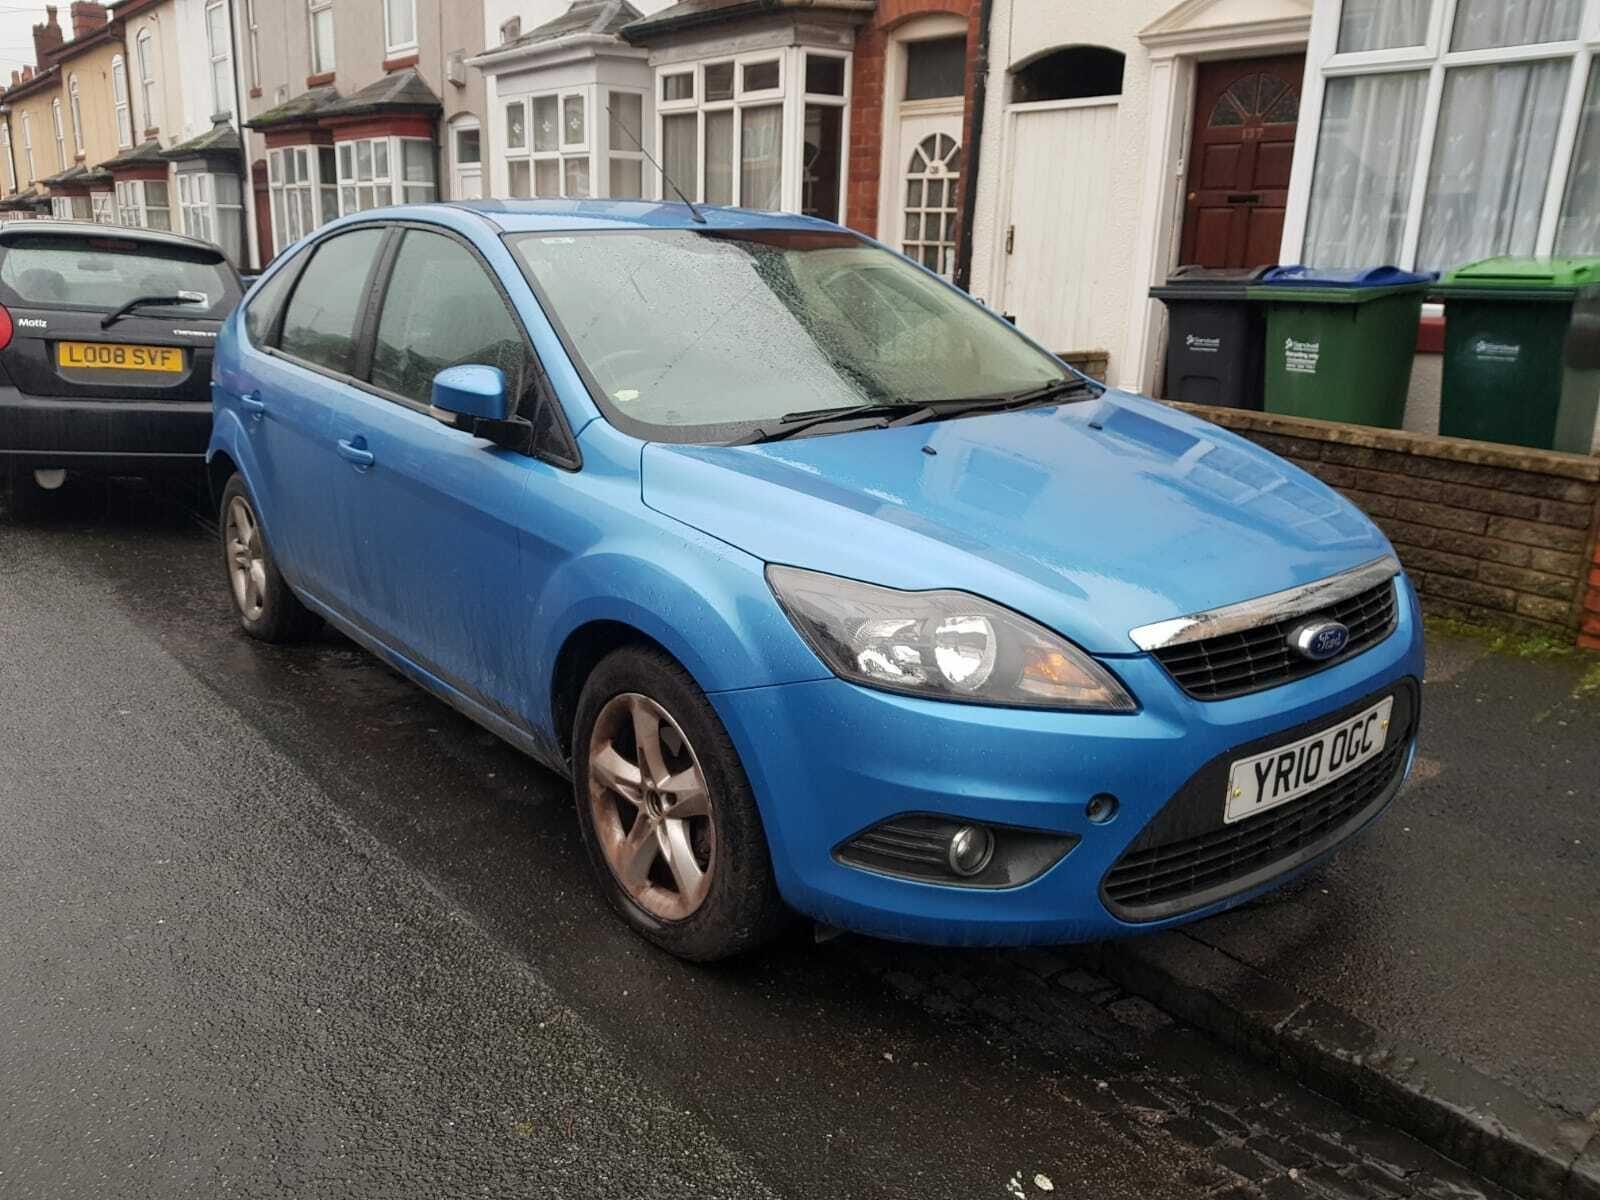 2010 Ford Focus Zetec 1.6 Tdci Manual Turbo Diesel £30 Road Tax -  Mot · $640.00